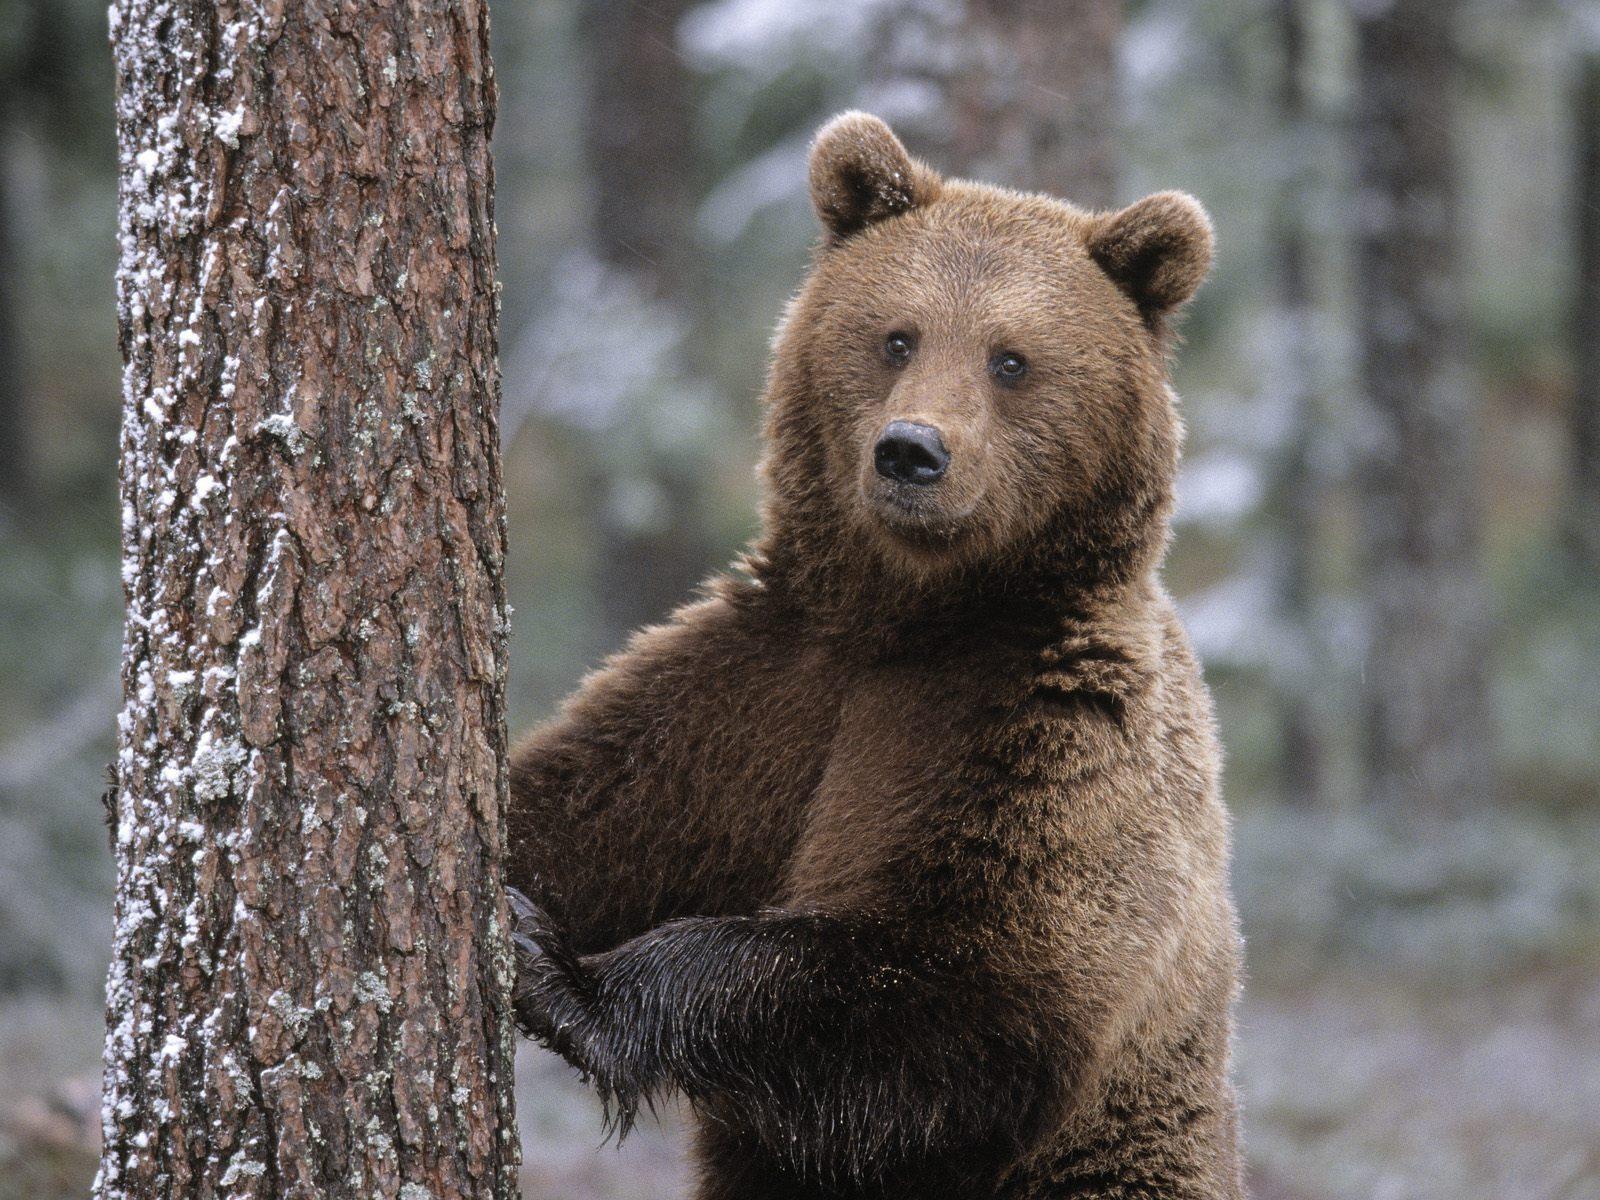 Картинки медведей картинки, поздравительных открыток